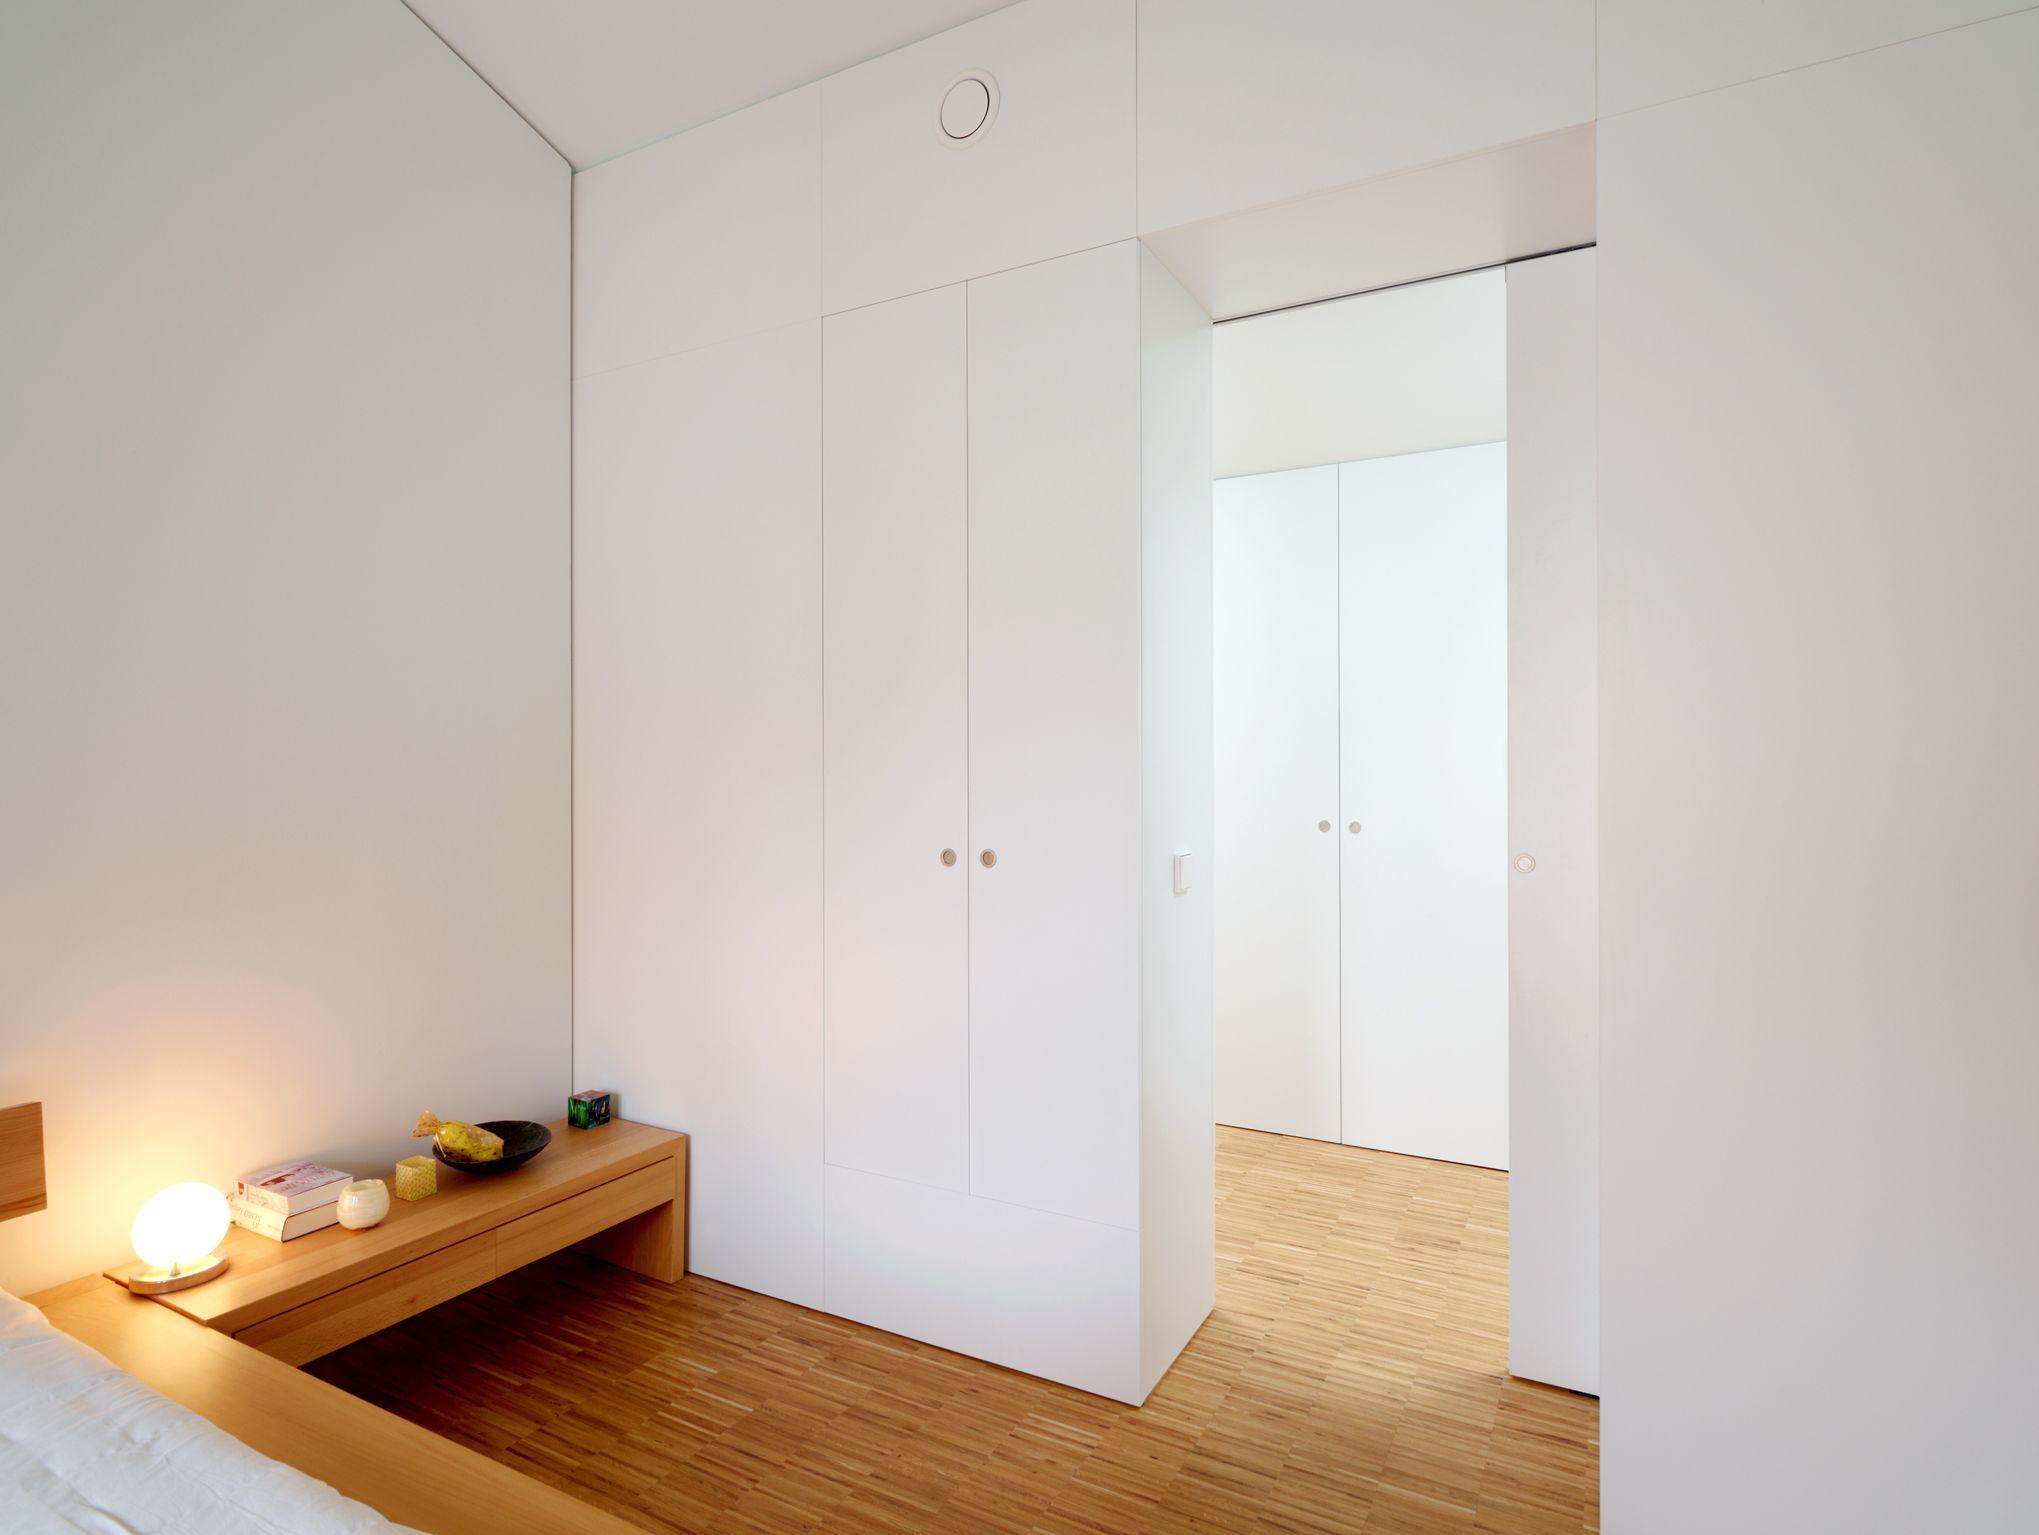 #Einbaumöbel in #Schlafzimmer                        © www.buchenblau.de